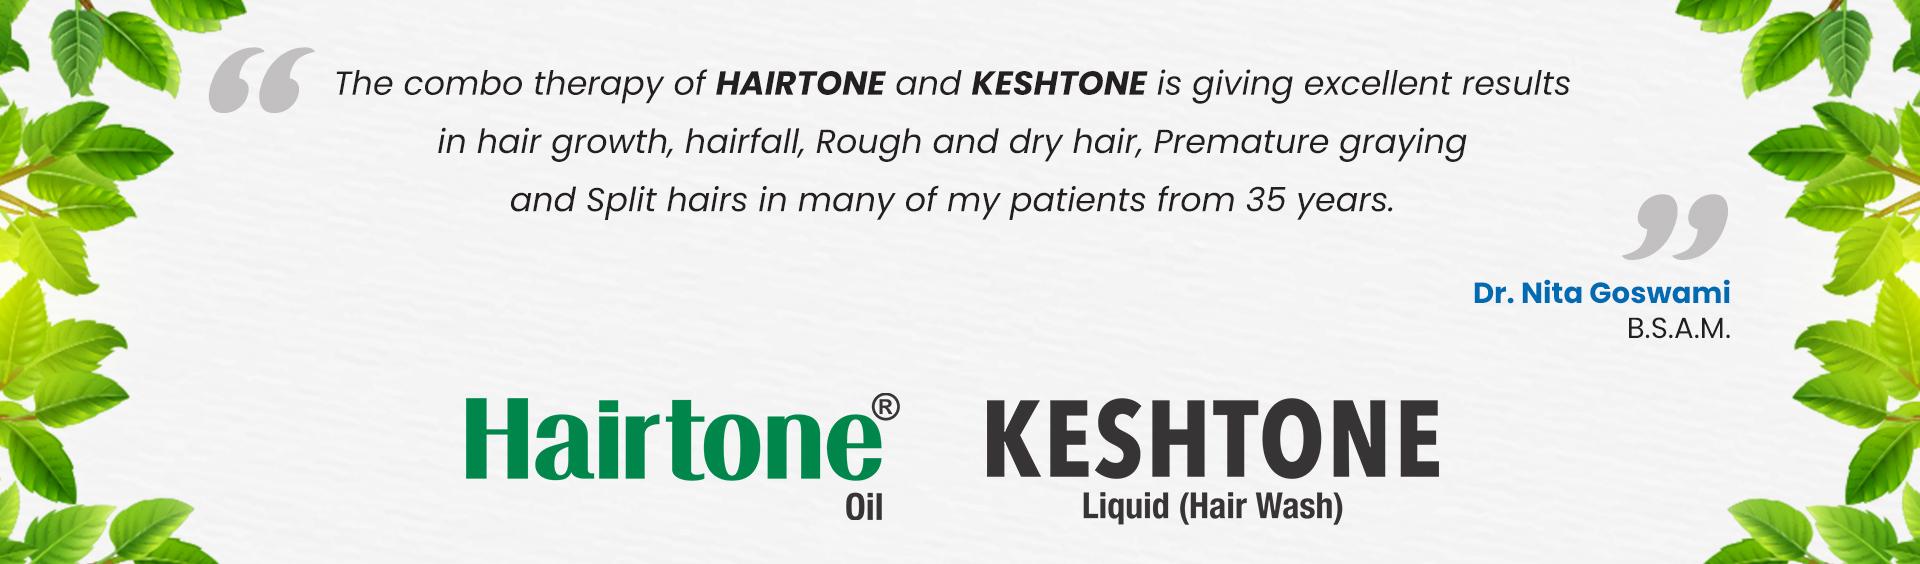 Testimonial-(Hairtone-Keshtone)---1920-x-564